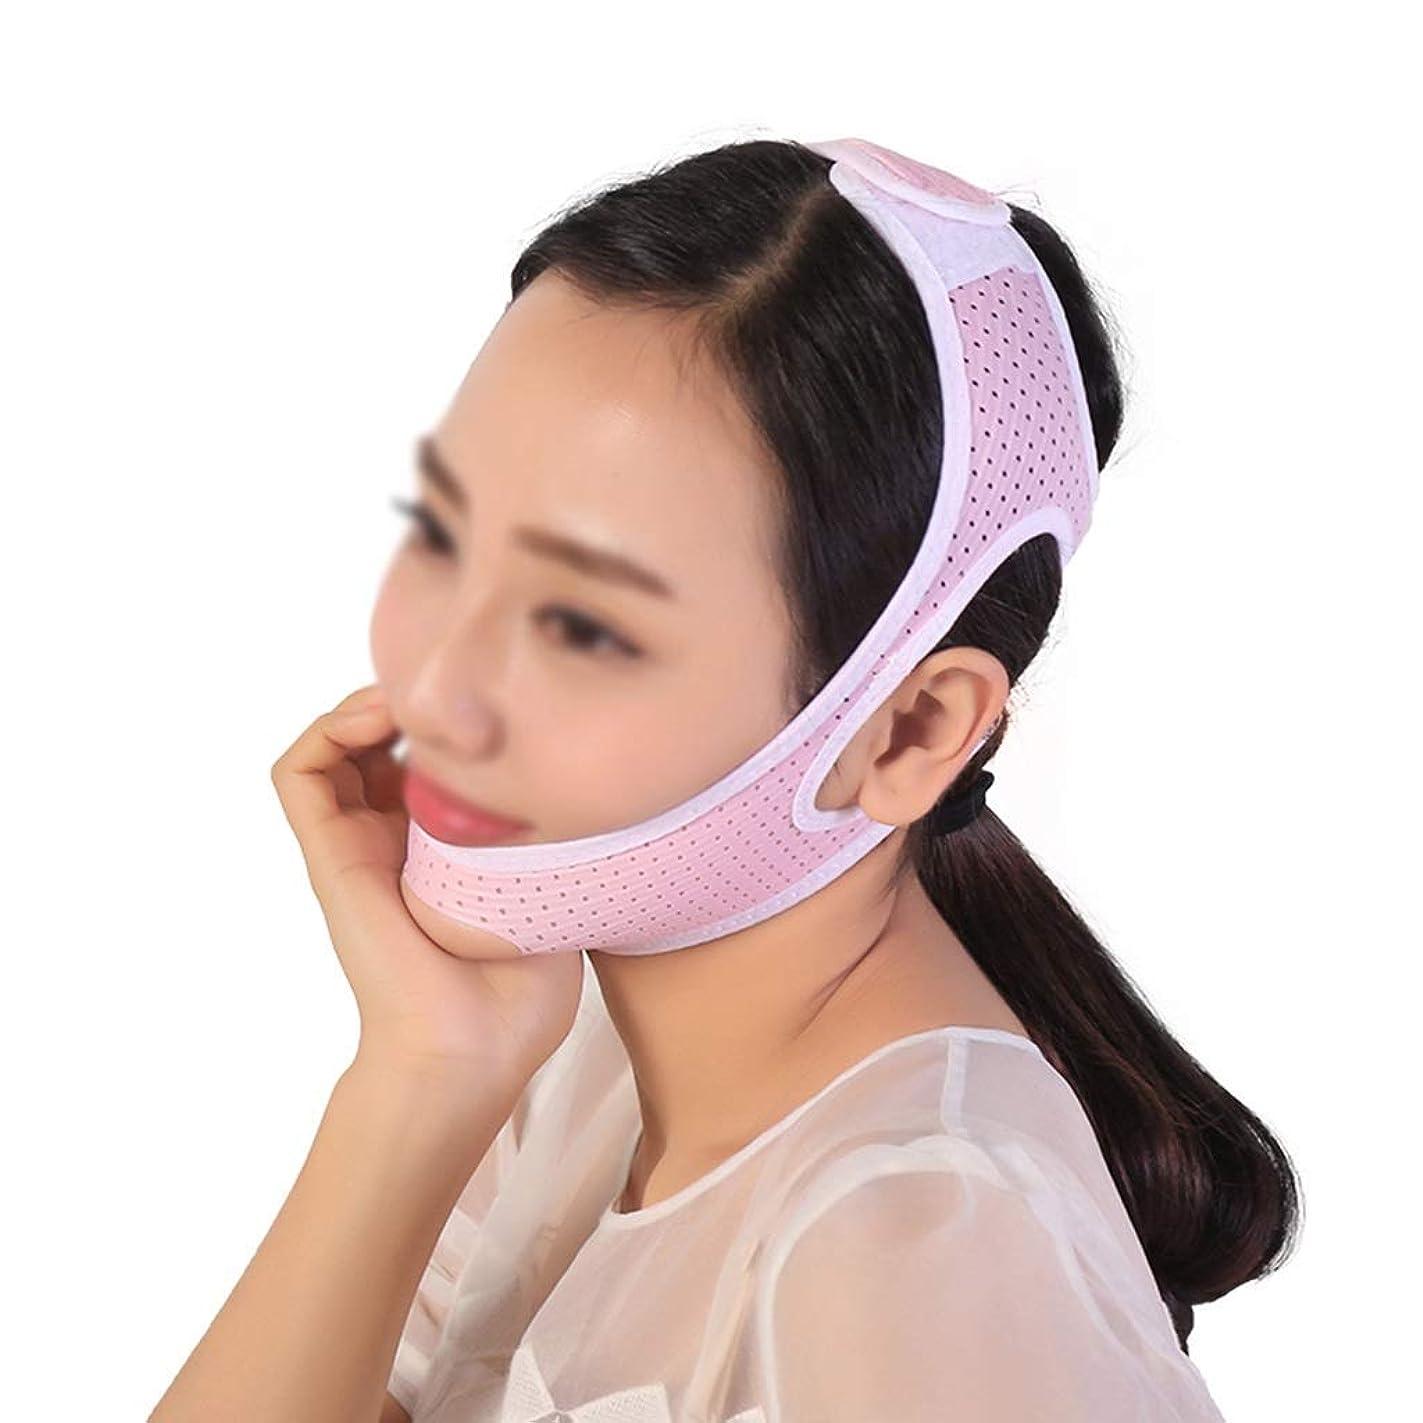 ブレンド聖職者征服フェイスリフトマスク、顔の皮膚の首のあごのラインを改善、リフトフェイス、細い頬マスク、細いチンチーク細いV(ピンク)(サイズ:M),M